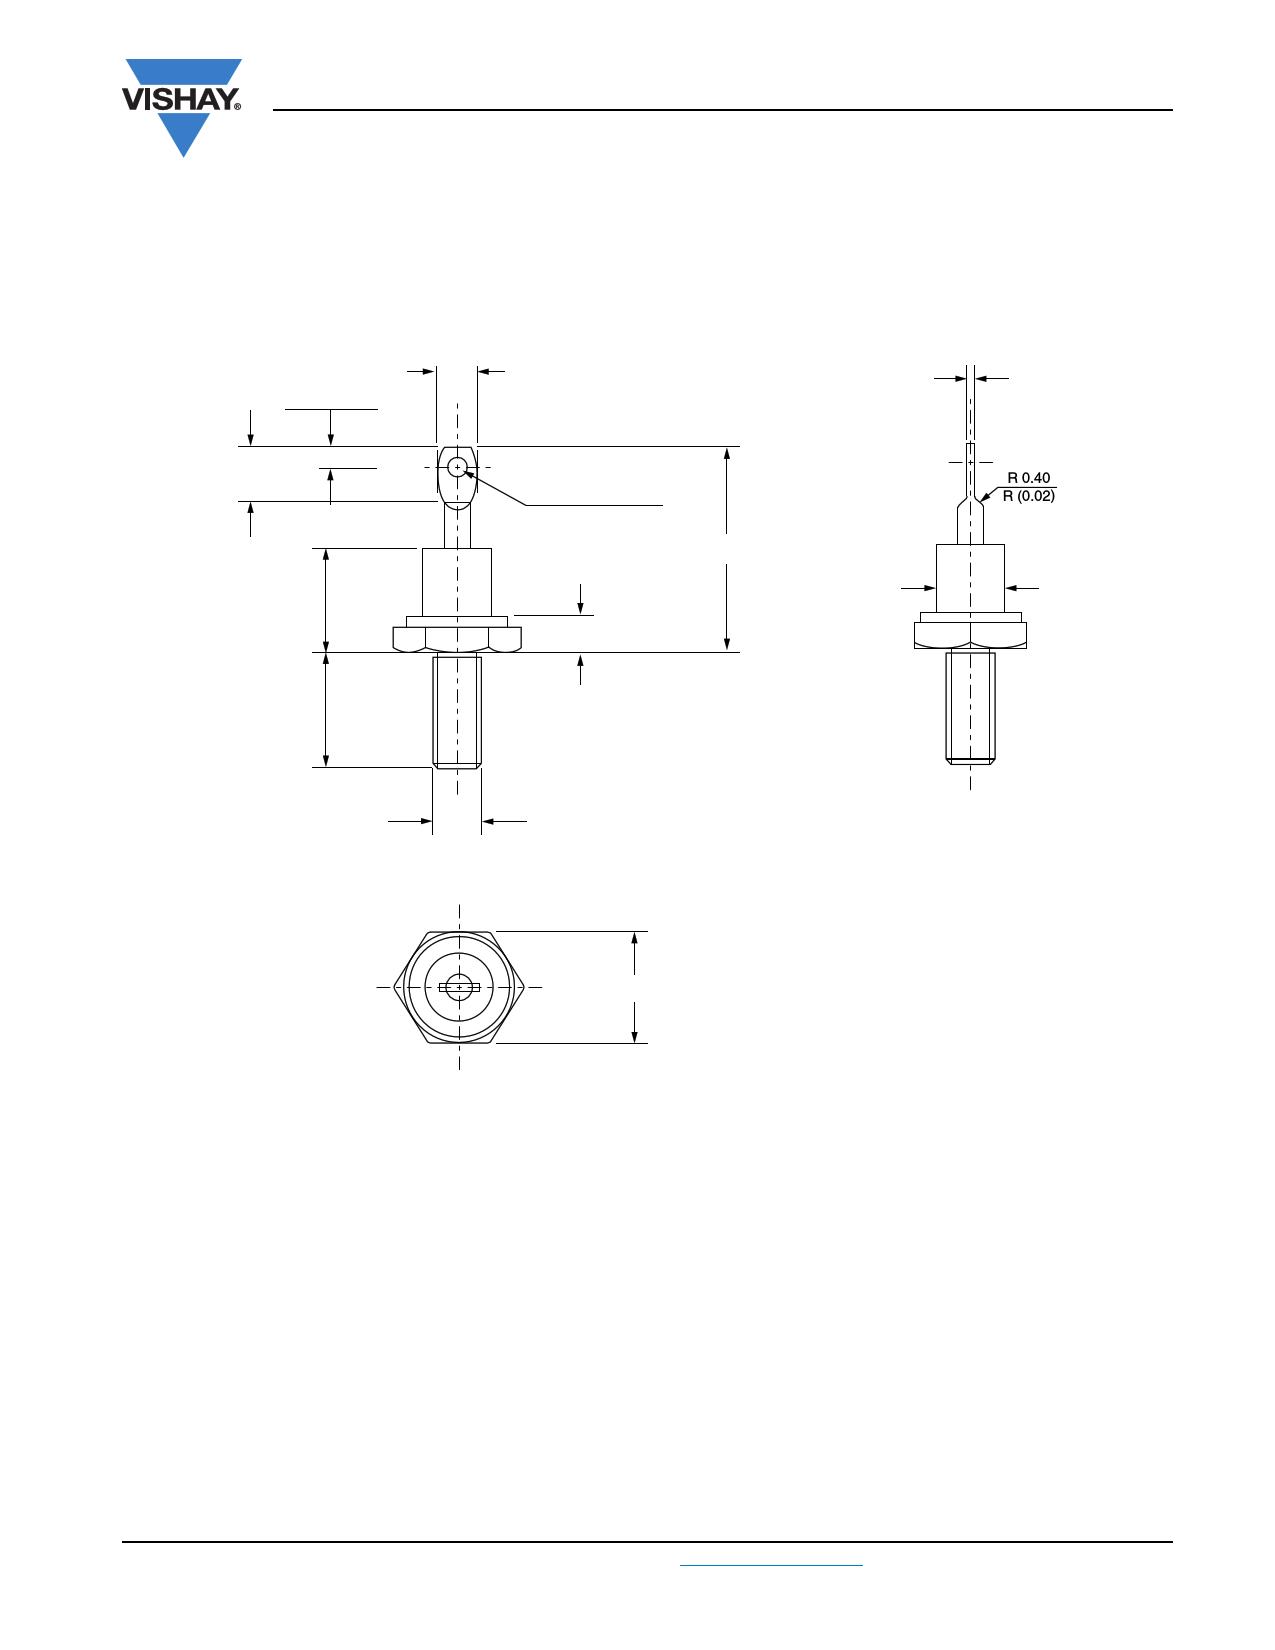 VS-1N3890 arduino